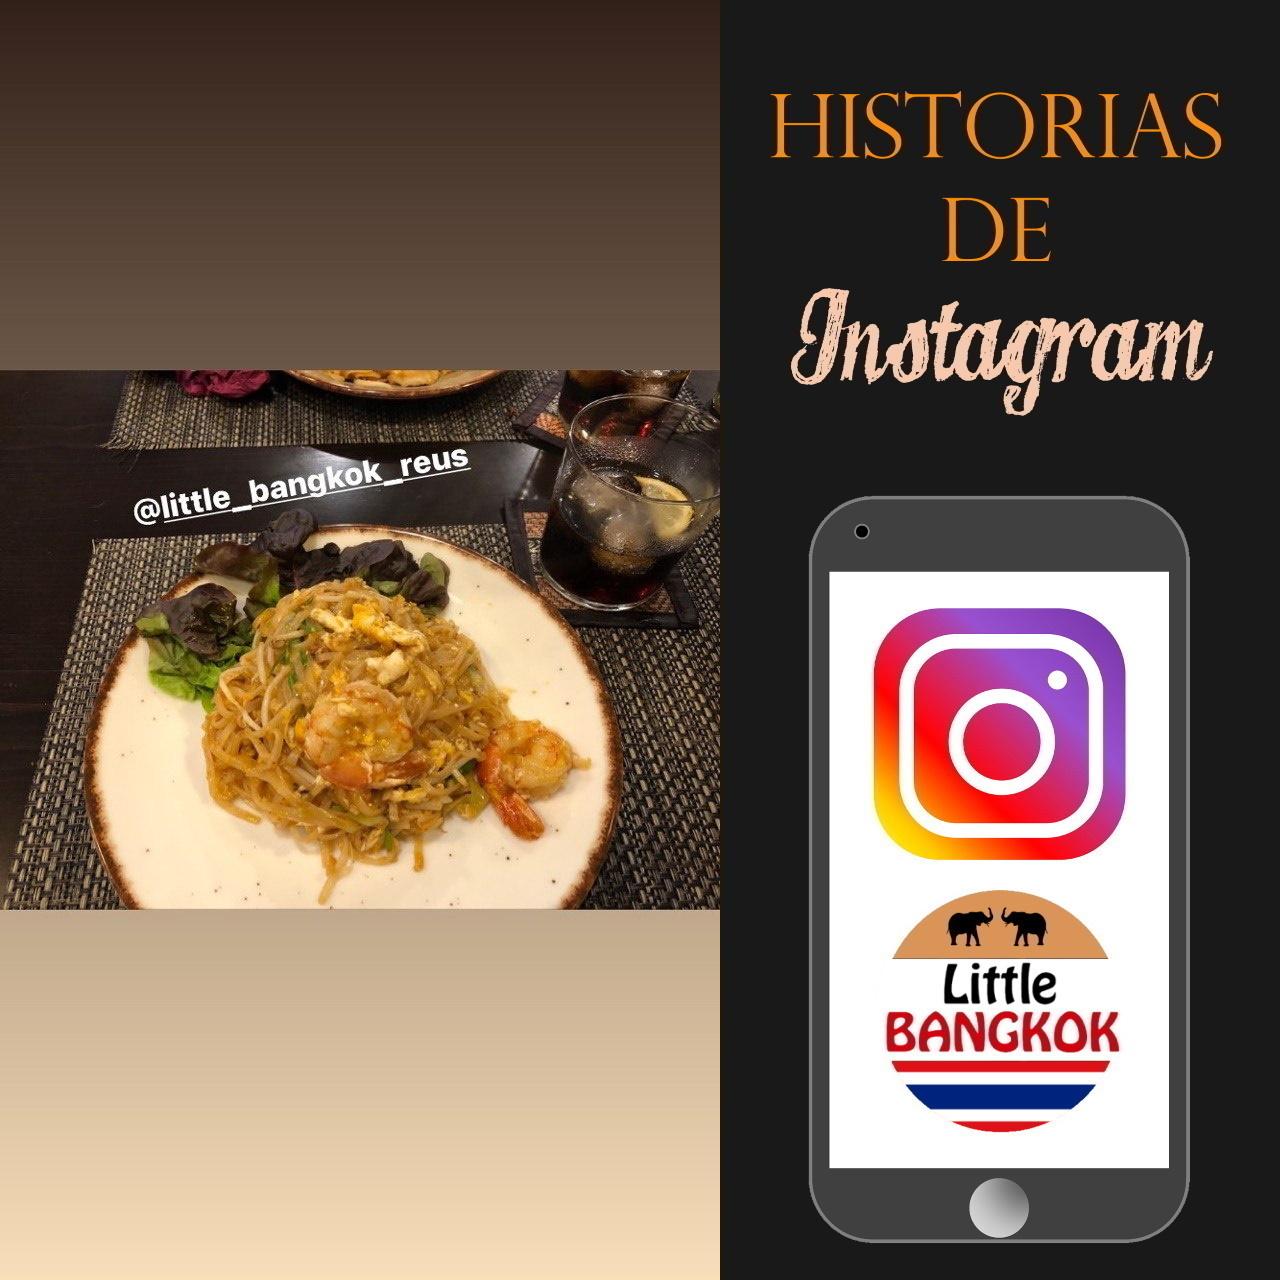 Historias de Instagram - 03 - Marzo 2